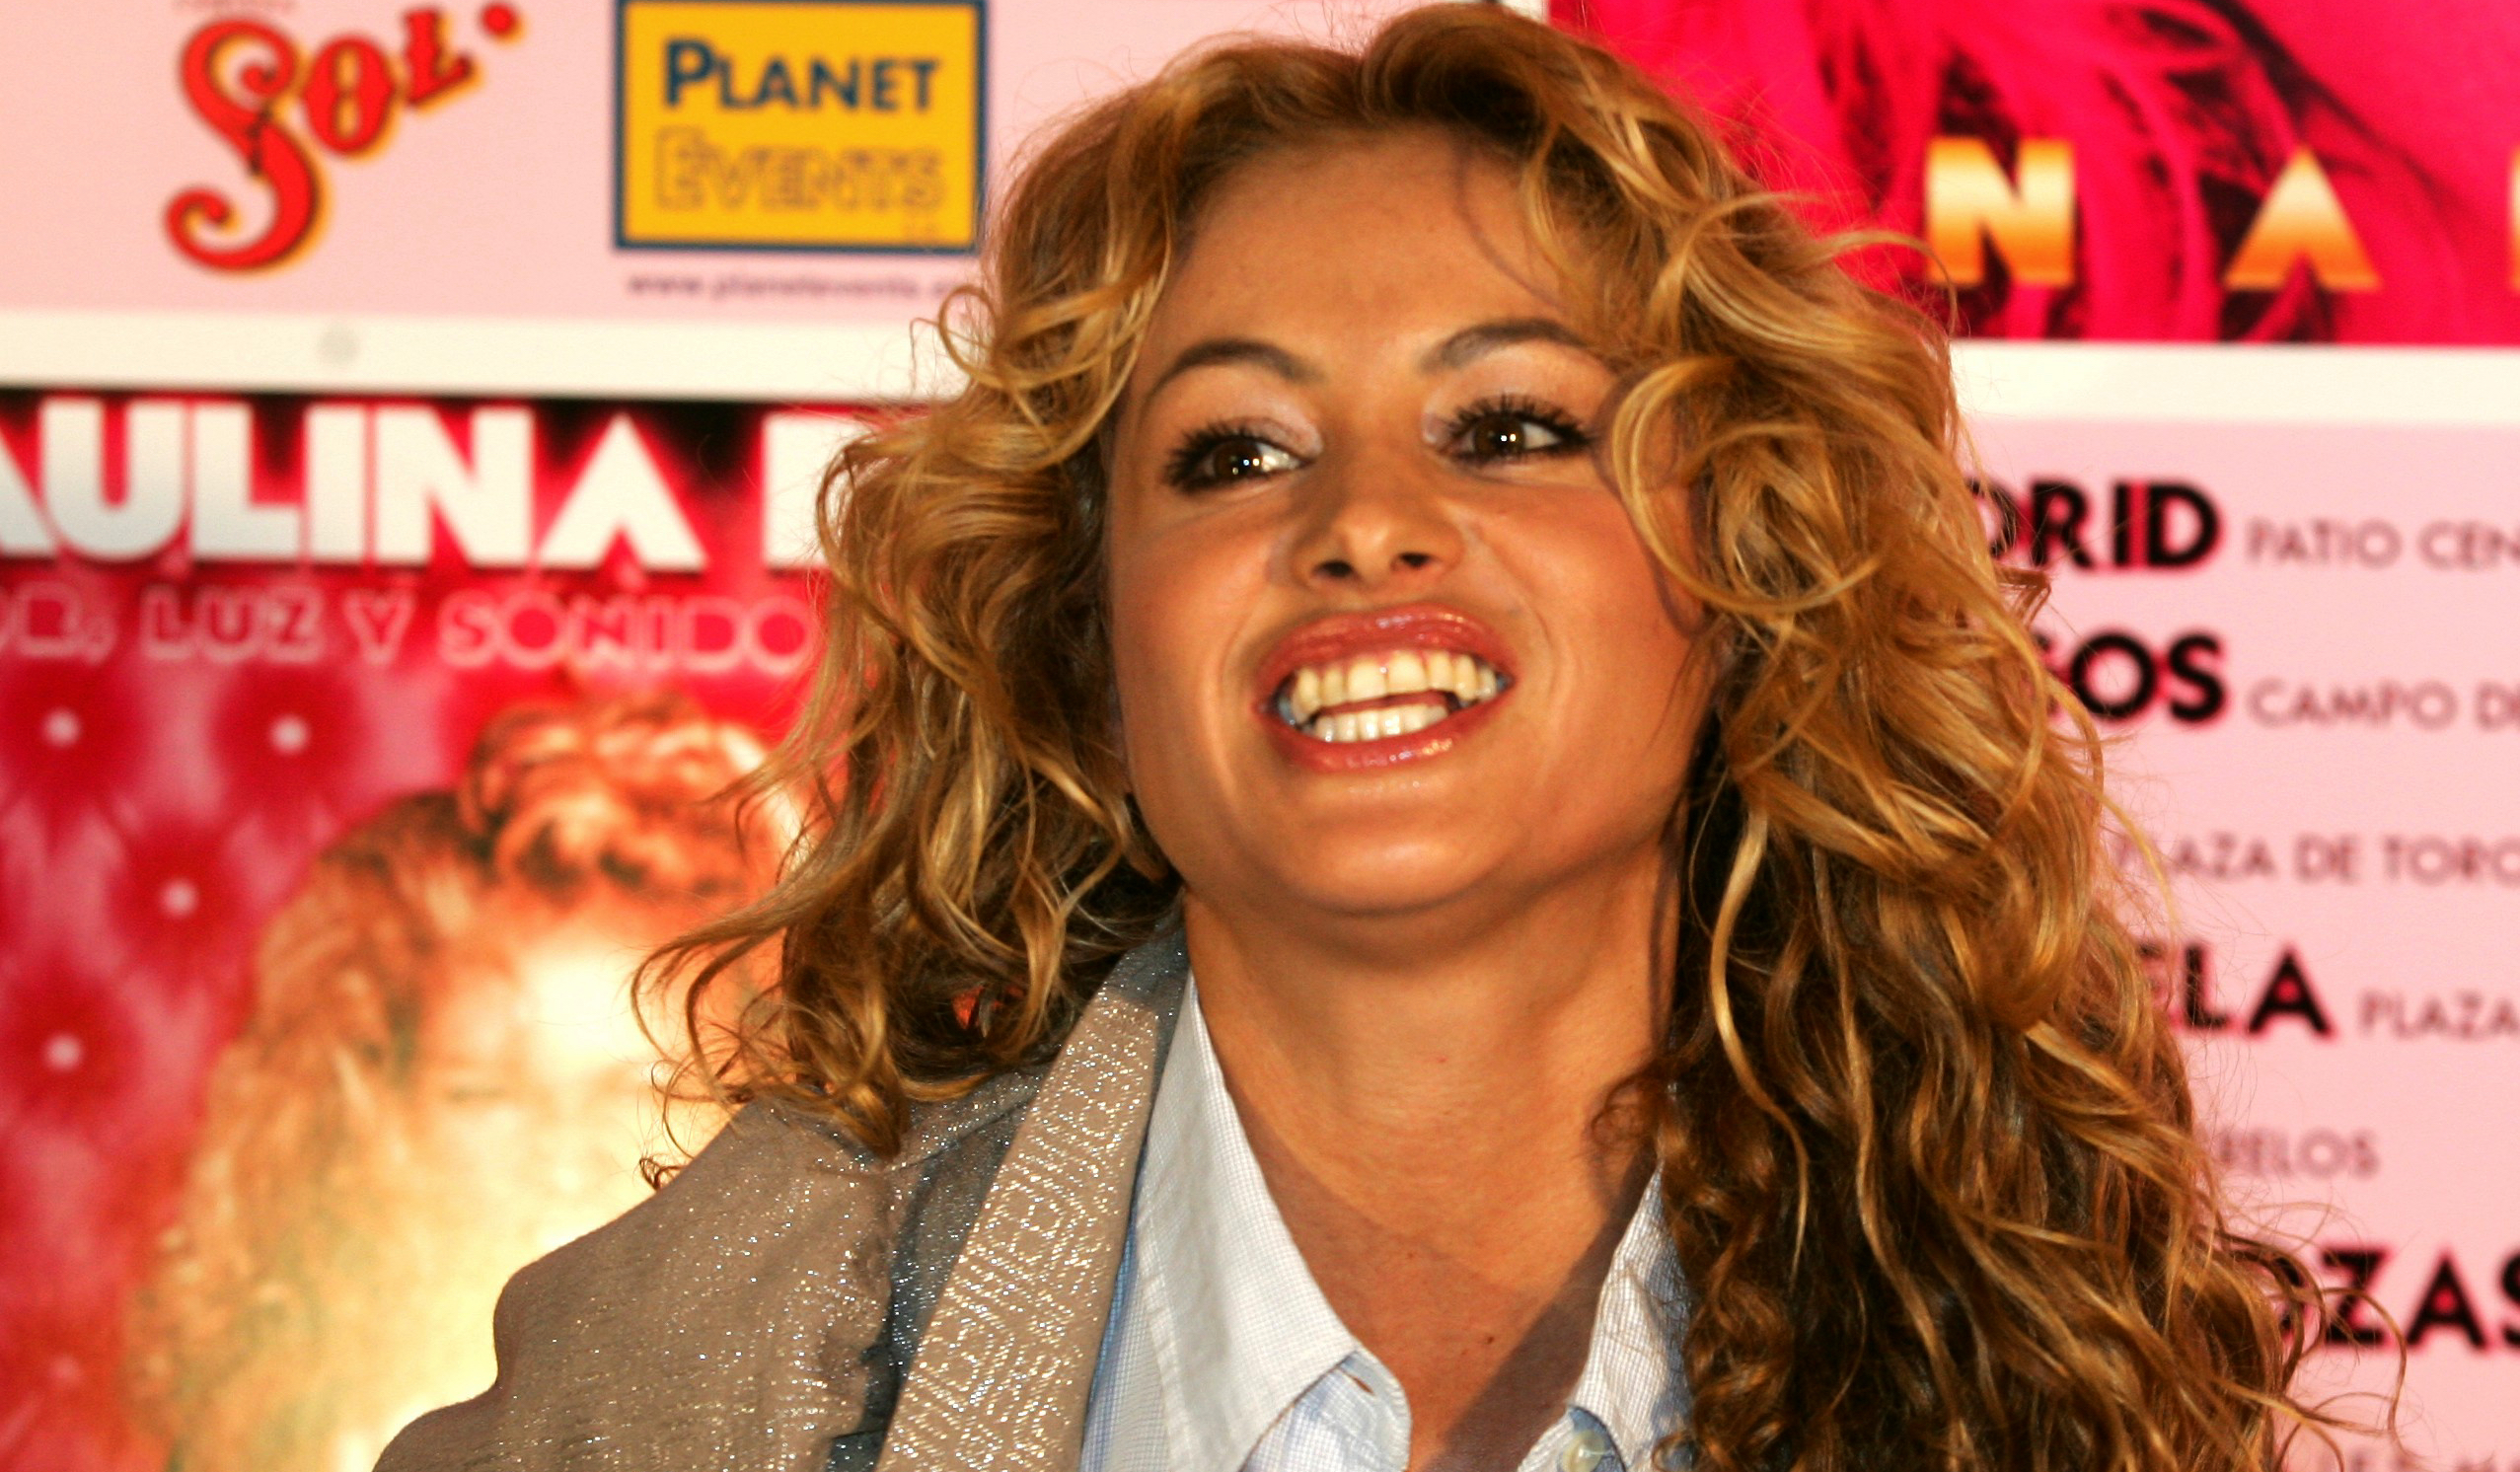 Paulina Rubio, durant la presentació de la nova gira per Espanya / Europa Press